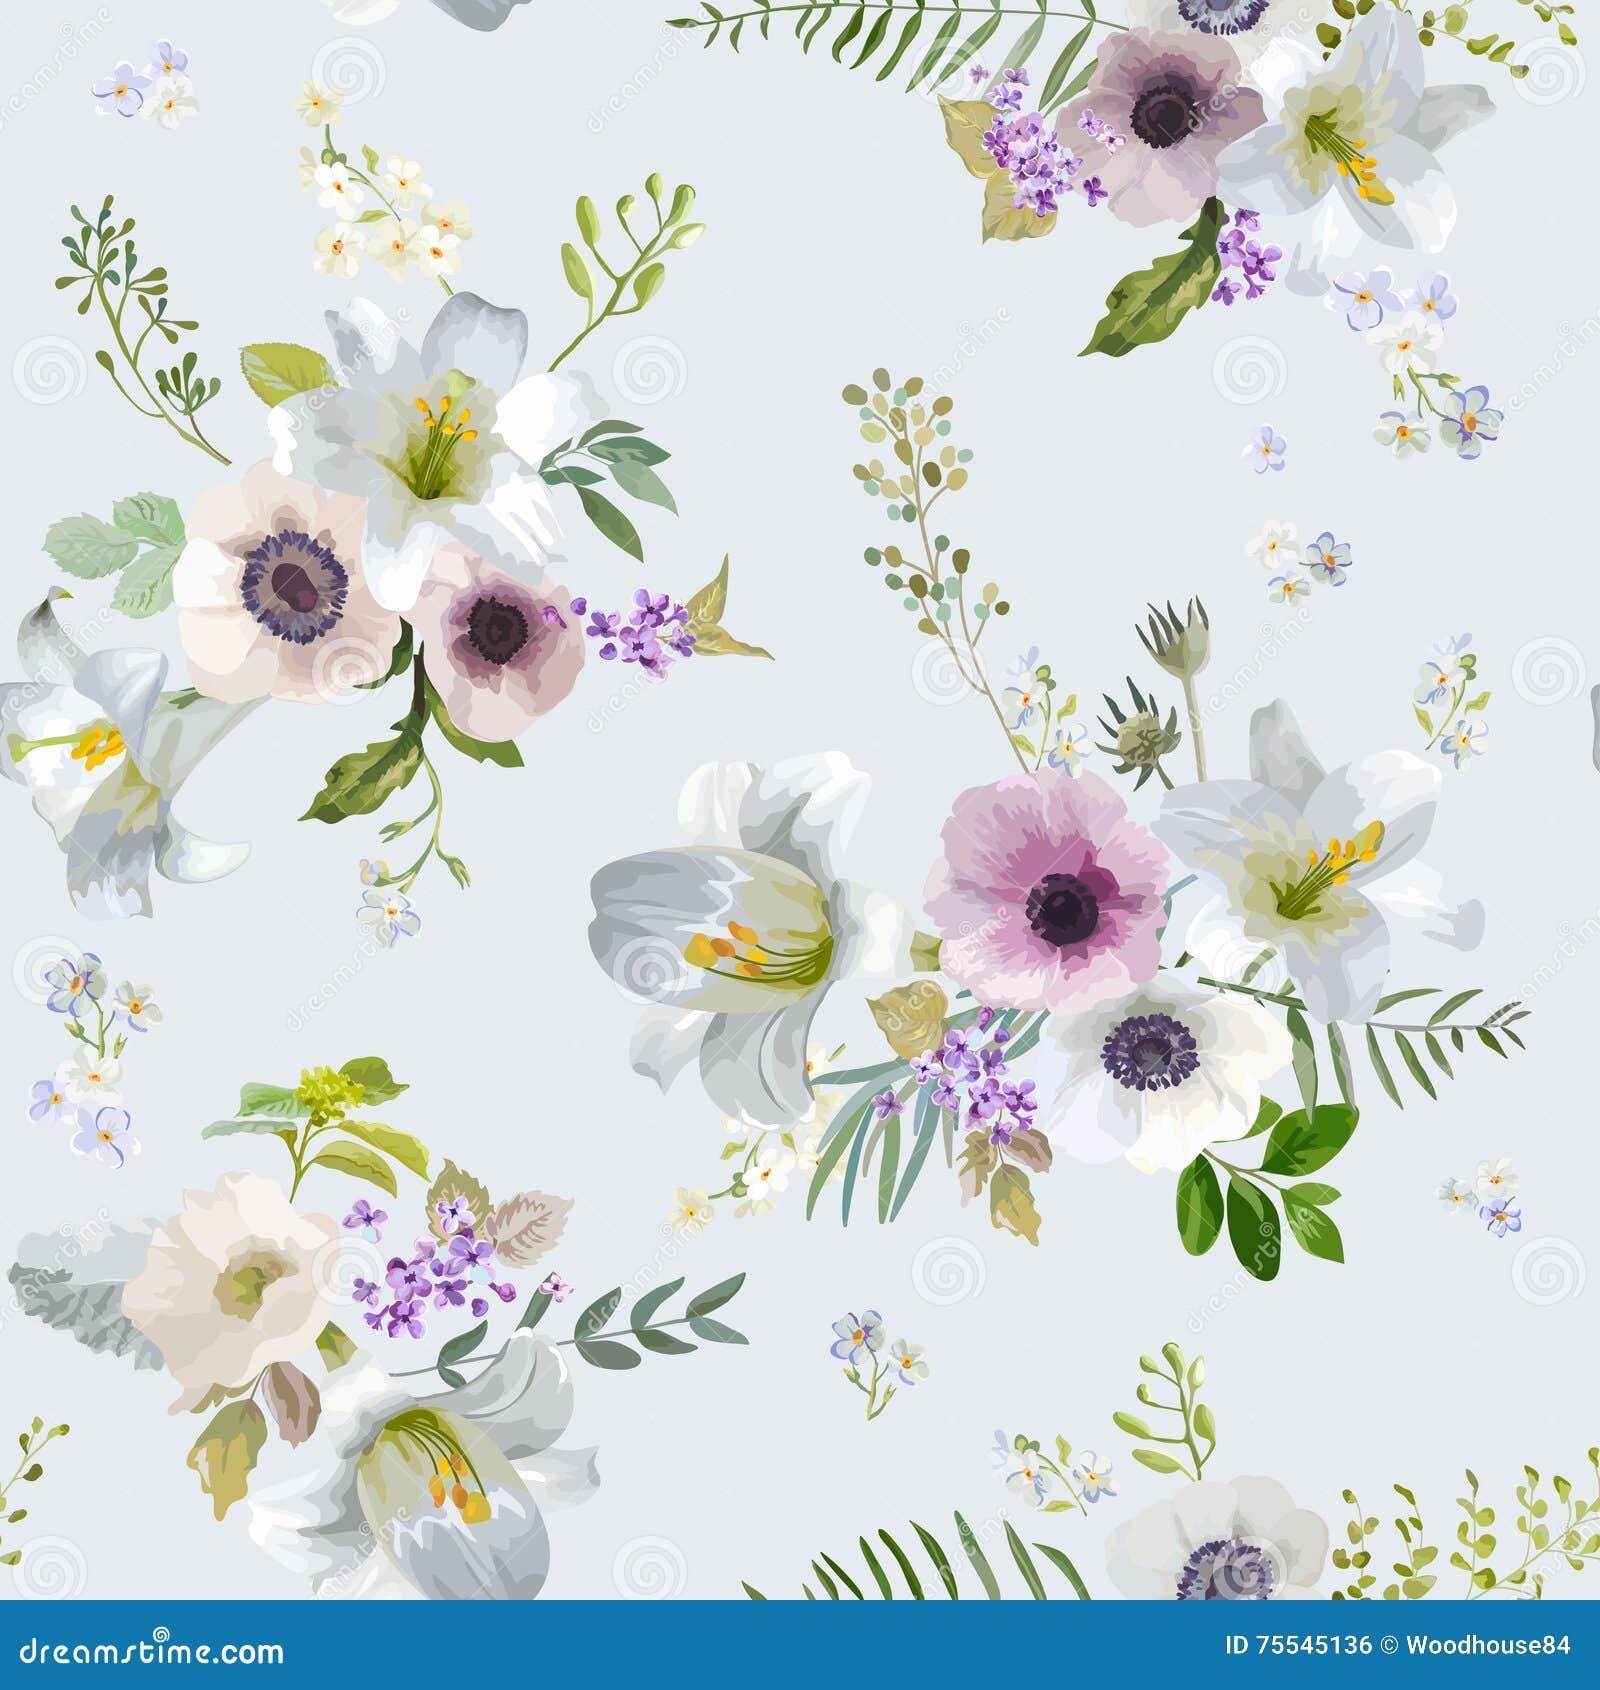 Uitstekende Lelie en Anemone Flowers Background - de Zomer Naadloos Patroon